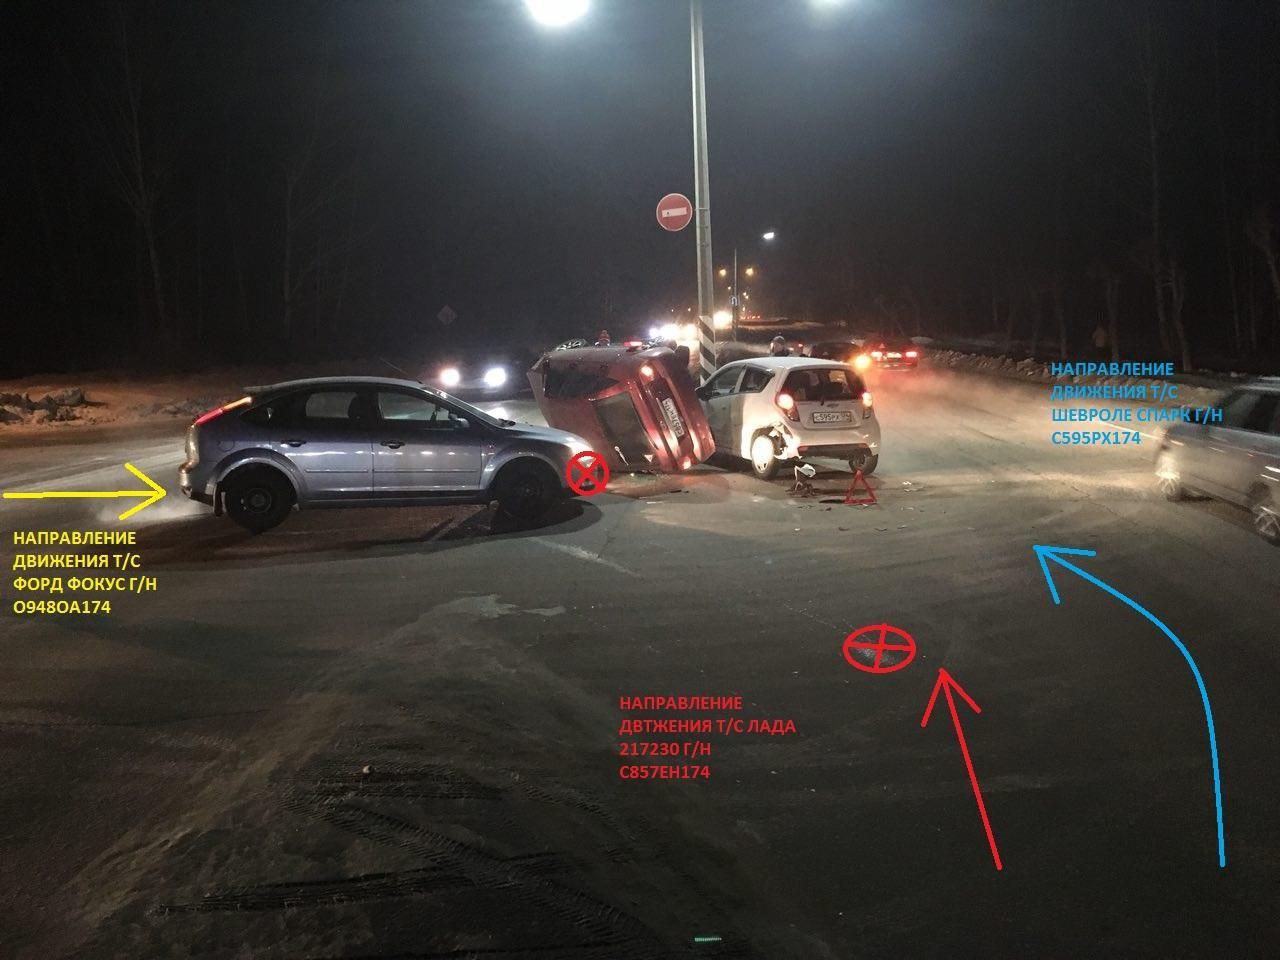 За минувшую неделю в городе Снежинске сотрудниками Госавтоинспекции выявлено 226 административных правонарушений...